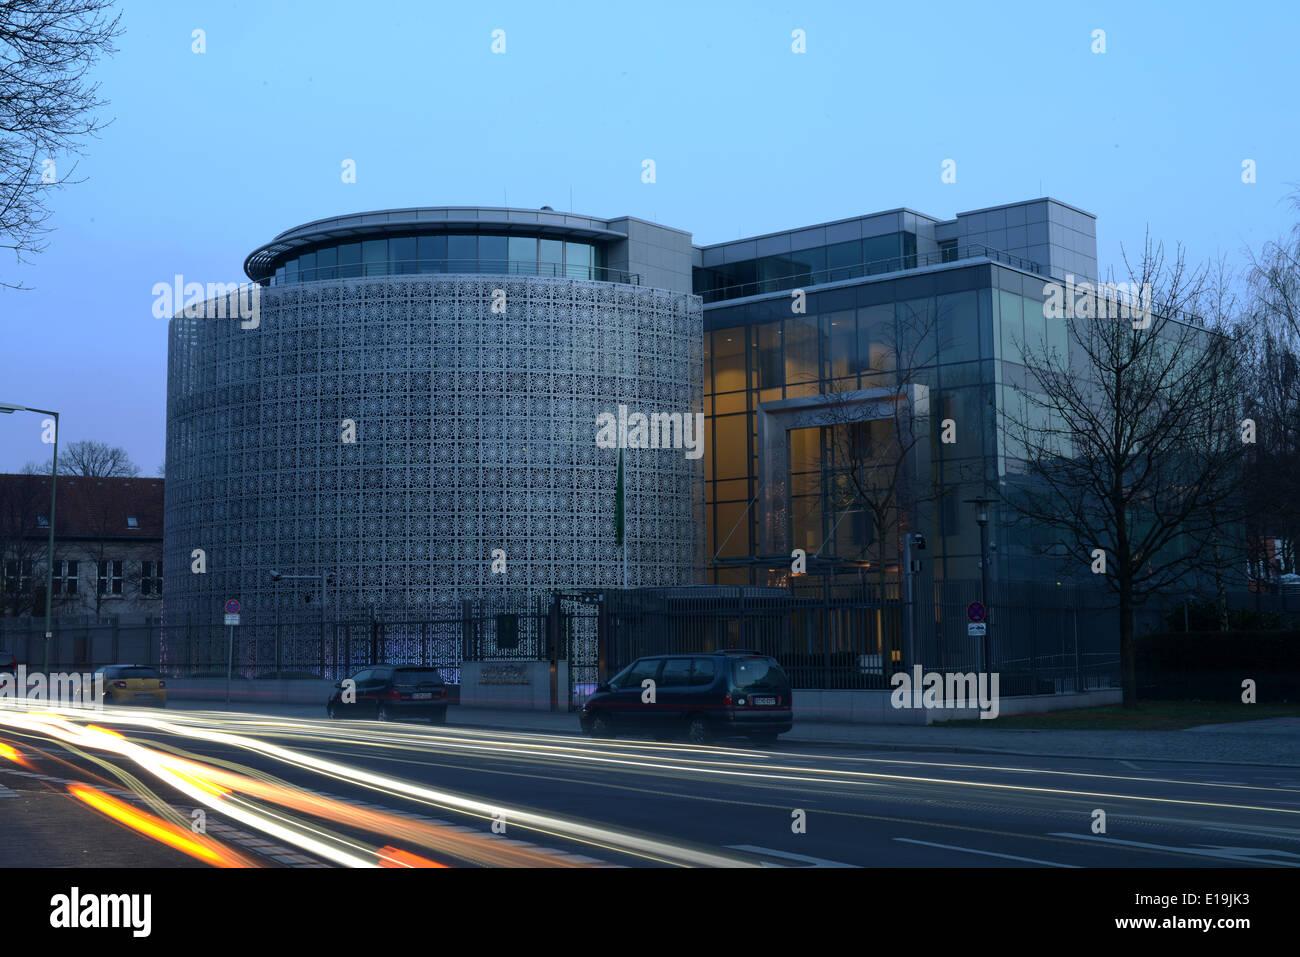 Botschaft Saudi Arabien, Tiergartenstrasse, Tiergarten, Berlin, Deutschland - Stock Image